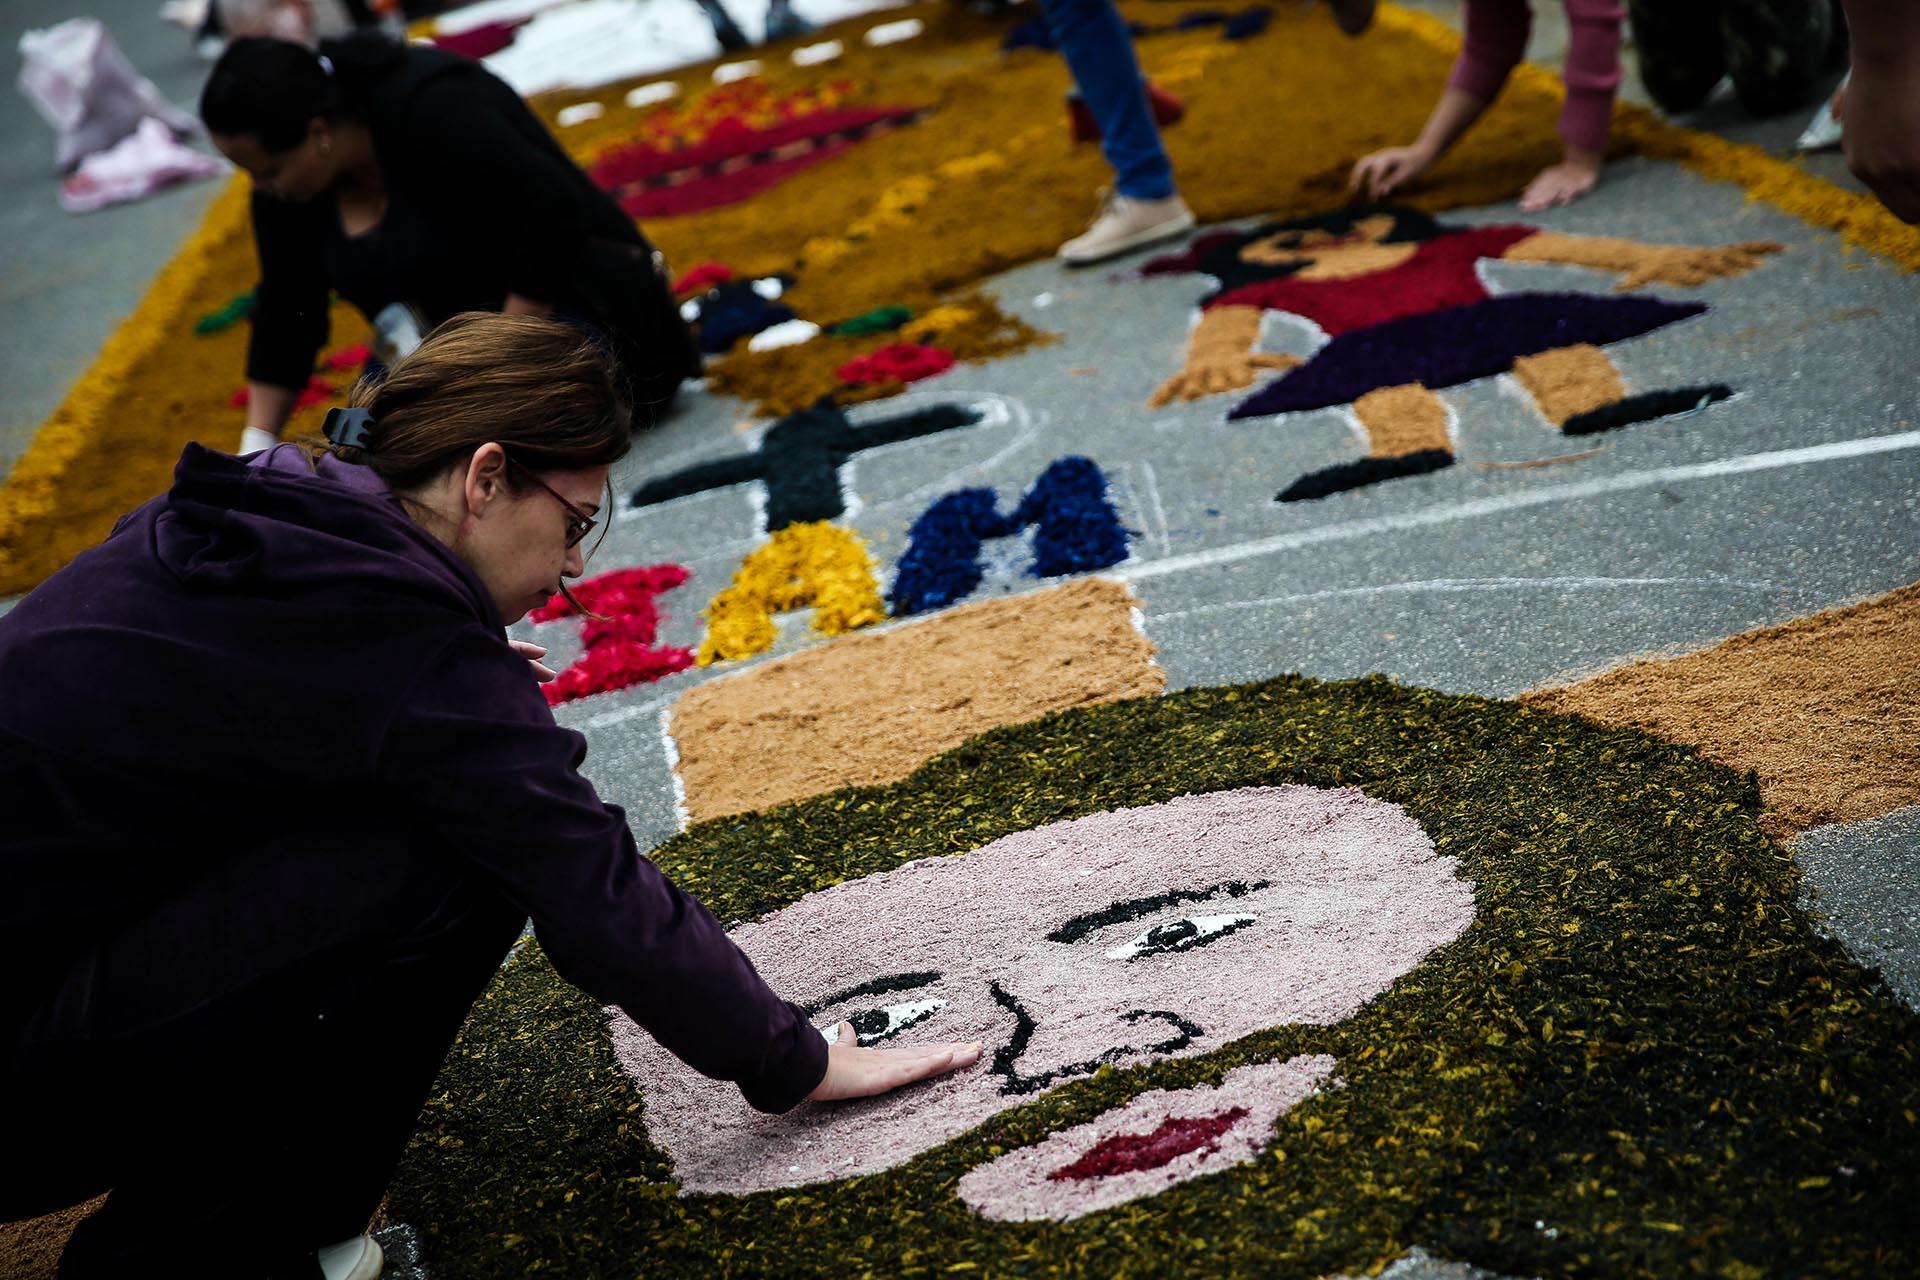 Personas participan en la instalación del tradicional tapete gigante con motivo de la festividad del Corpus Christi en la ciudad de Santana de Parnaiba, a 150 kilómetros de Sao Paulo, Brasil